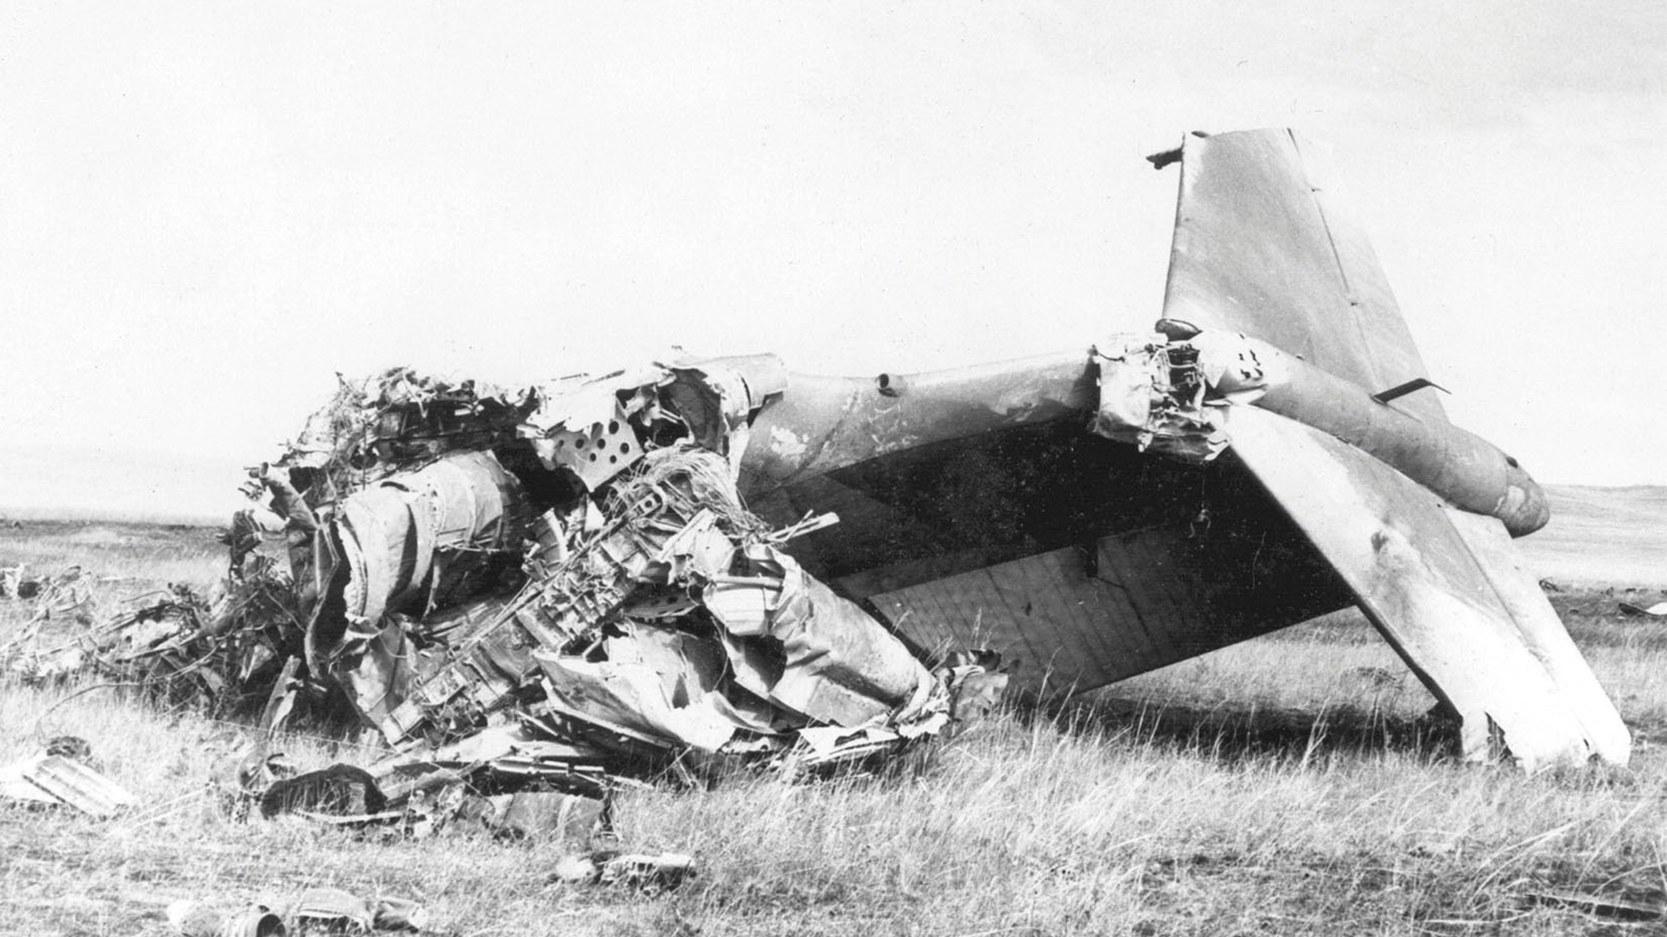 161吨大飞机坠毁新疆 我国500位专家研究残骸数月 终于成了